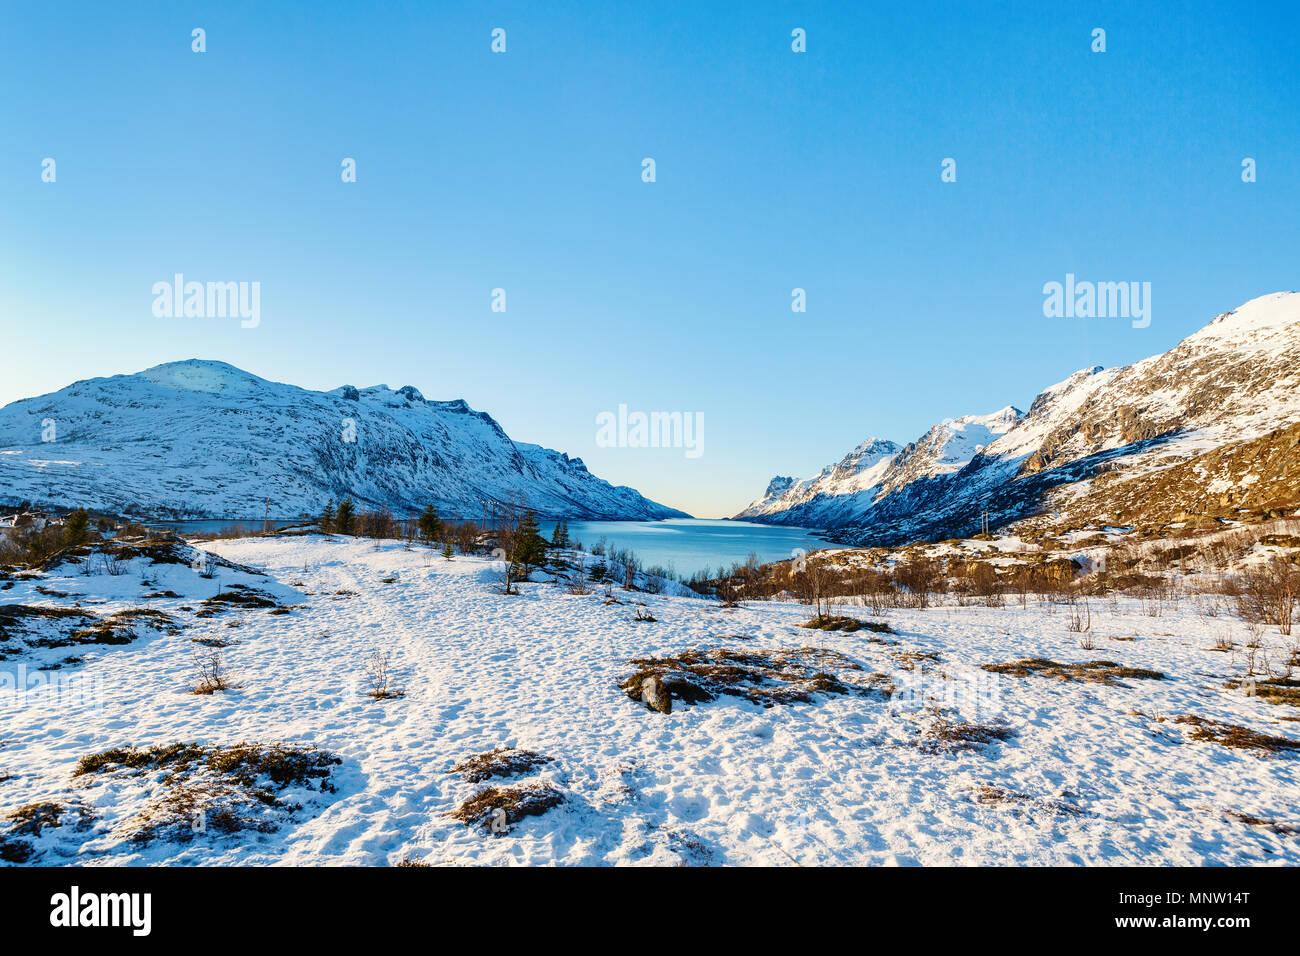 Paysage hivernal de fjords époustouflants paysages de l'île de Senja, dans le Nord de la Norvège Photo Stock